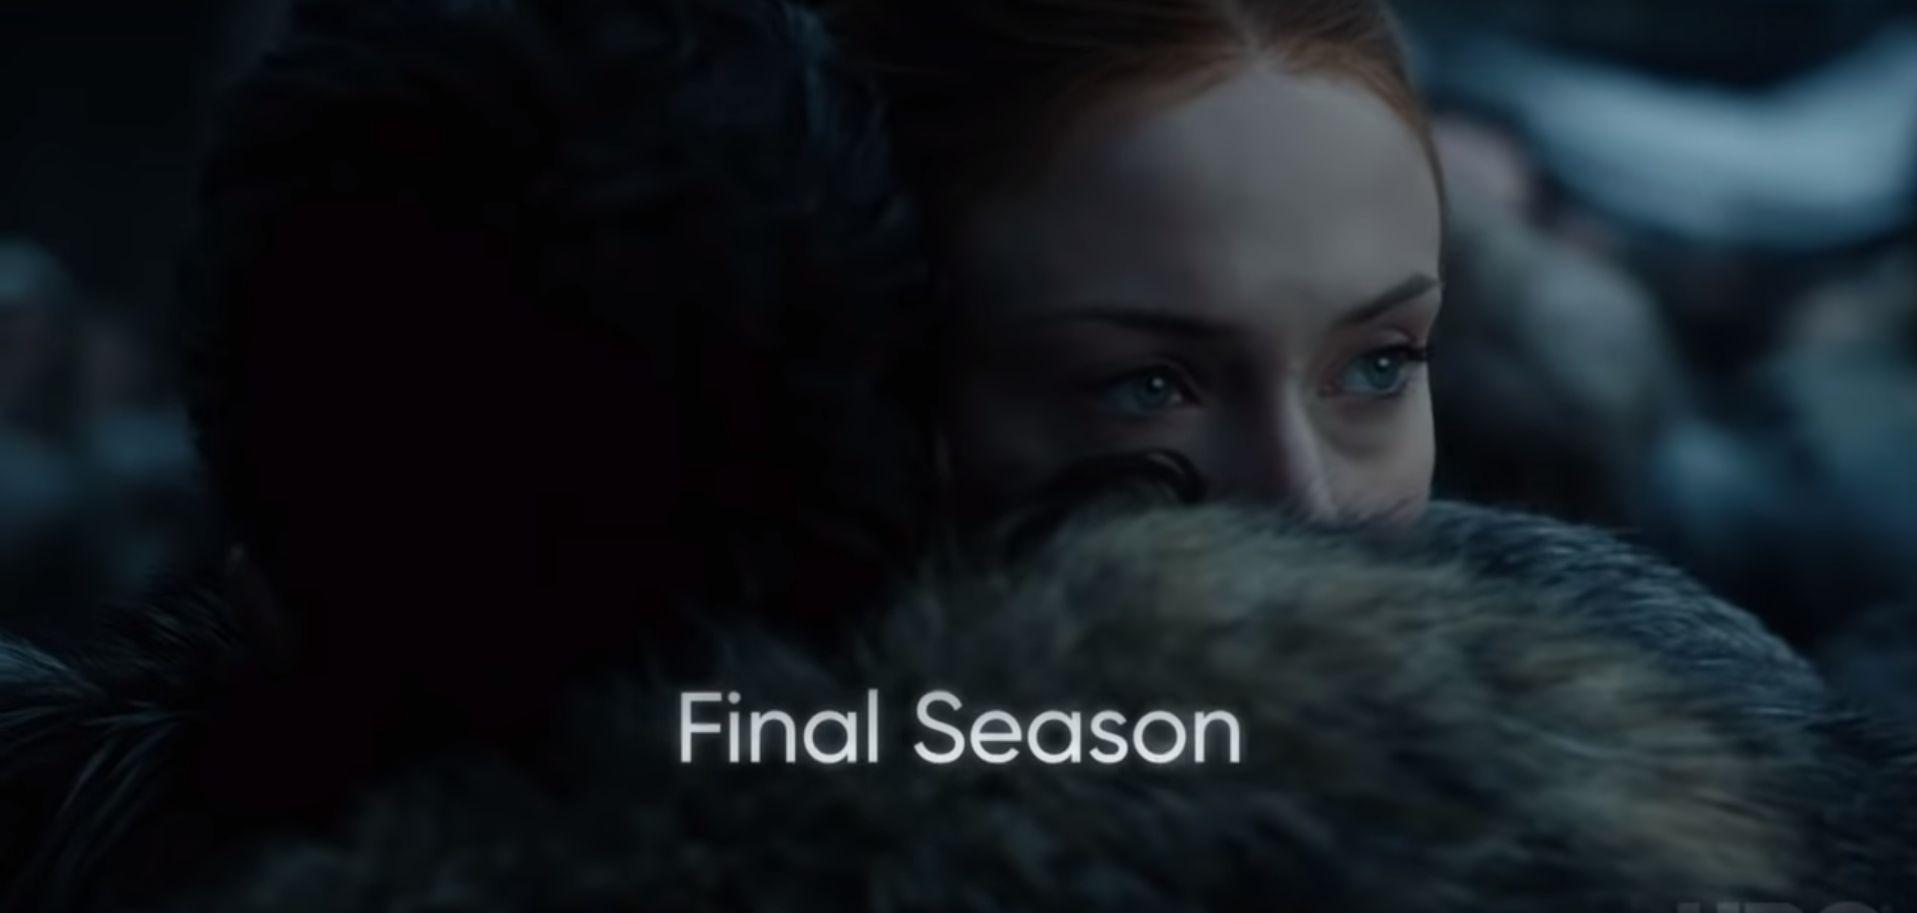 '왕좌의 게임' 마지막 시즌에 대한 힌트들이